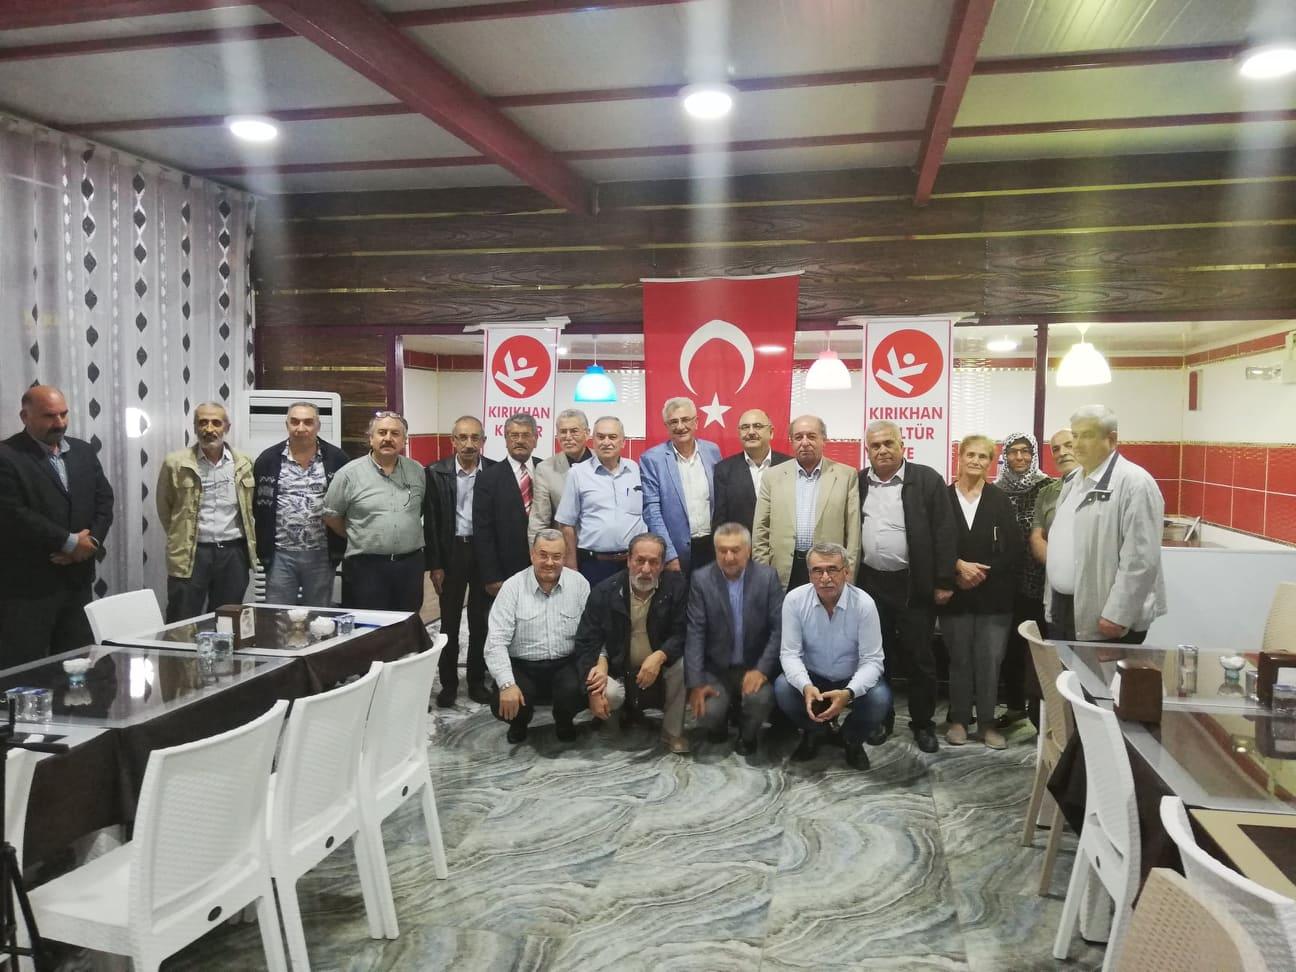 """""""KIRIKHAN KÜLTÜR ve SANAT DERNEĞİ  """"AHISKA"""" SÜRGÜNÜ'NÜ KONUŞTUK"""""""